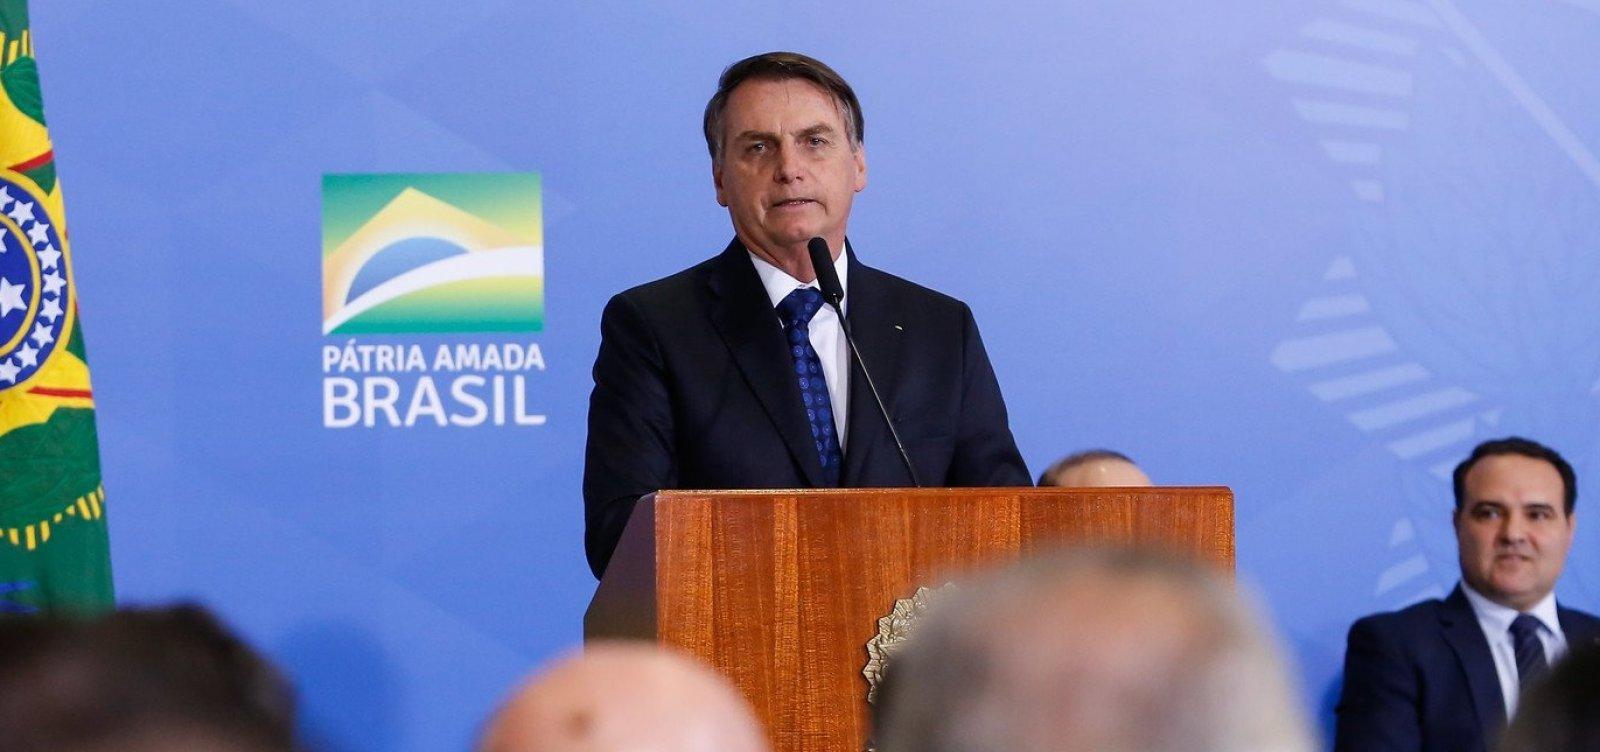 [Ibope: governo Jair Bolsonaro tem aprovação de 32% e reprovação de 32%]